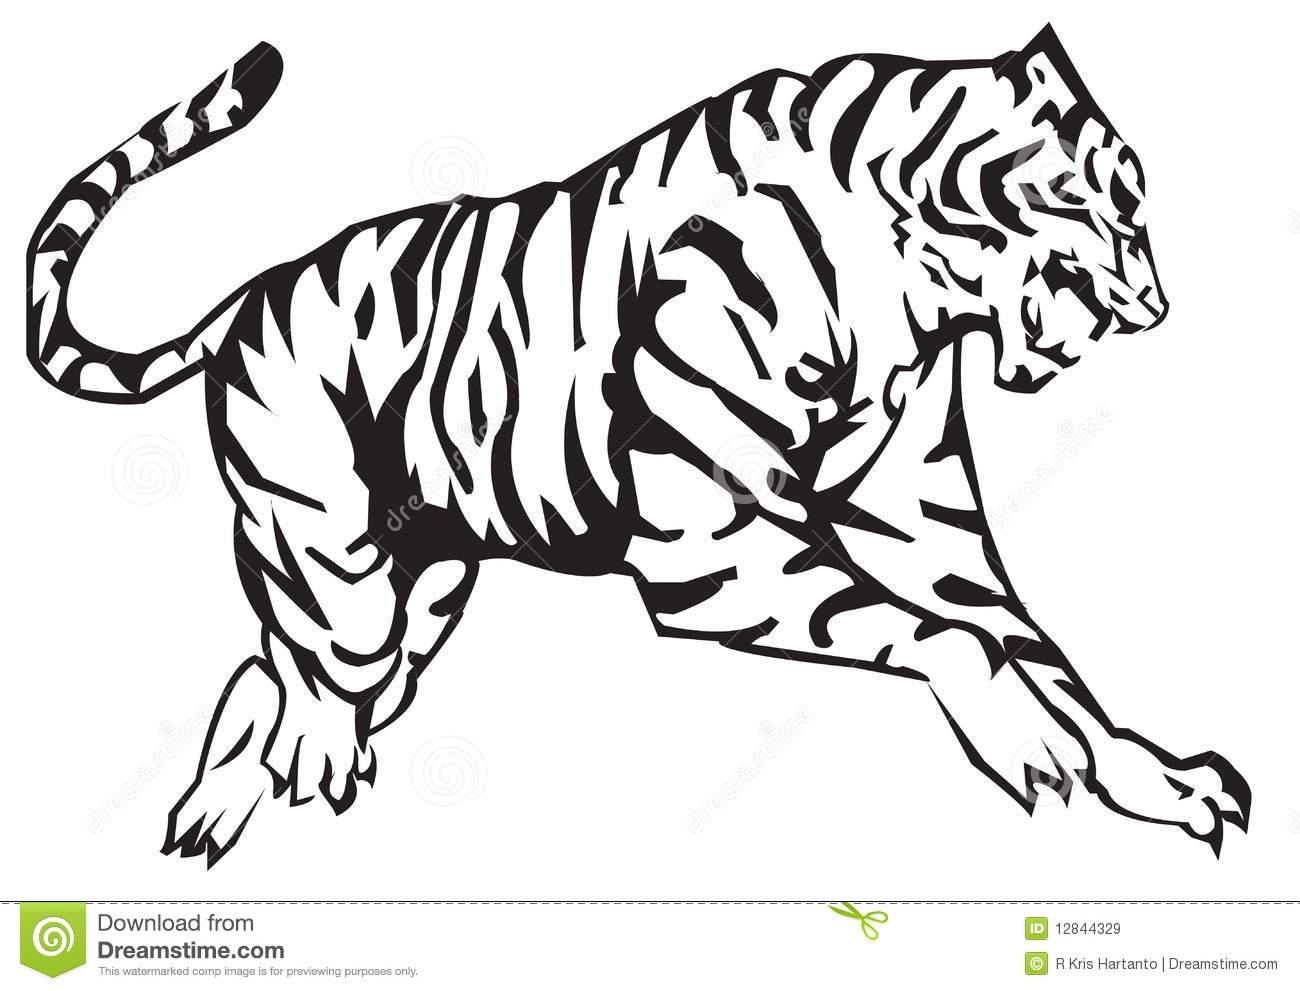 Tiger Malvorlagen Kostenlos Zum Ausdrucken Ausmalbilder Ber ganzes Tiger Zum Ausmalen